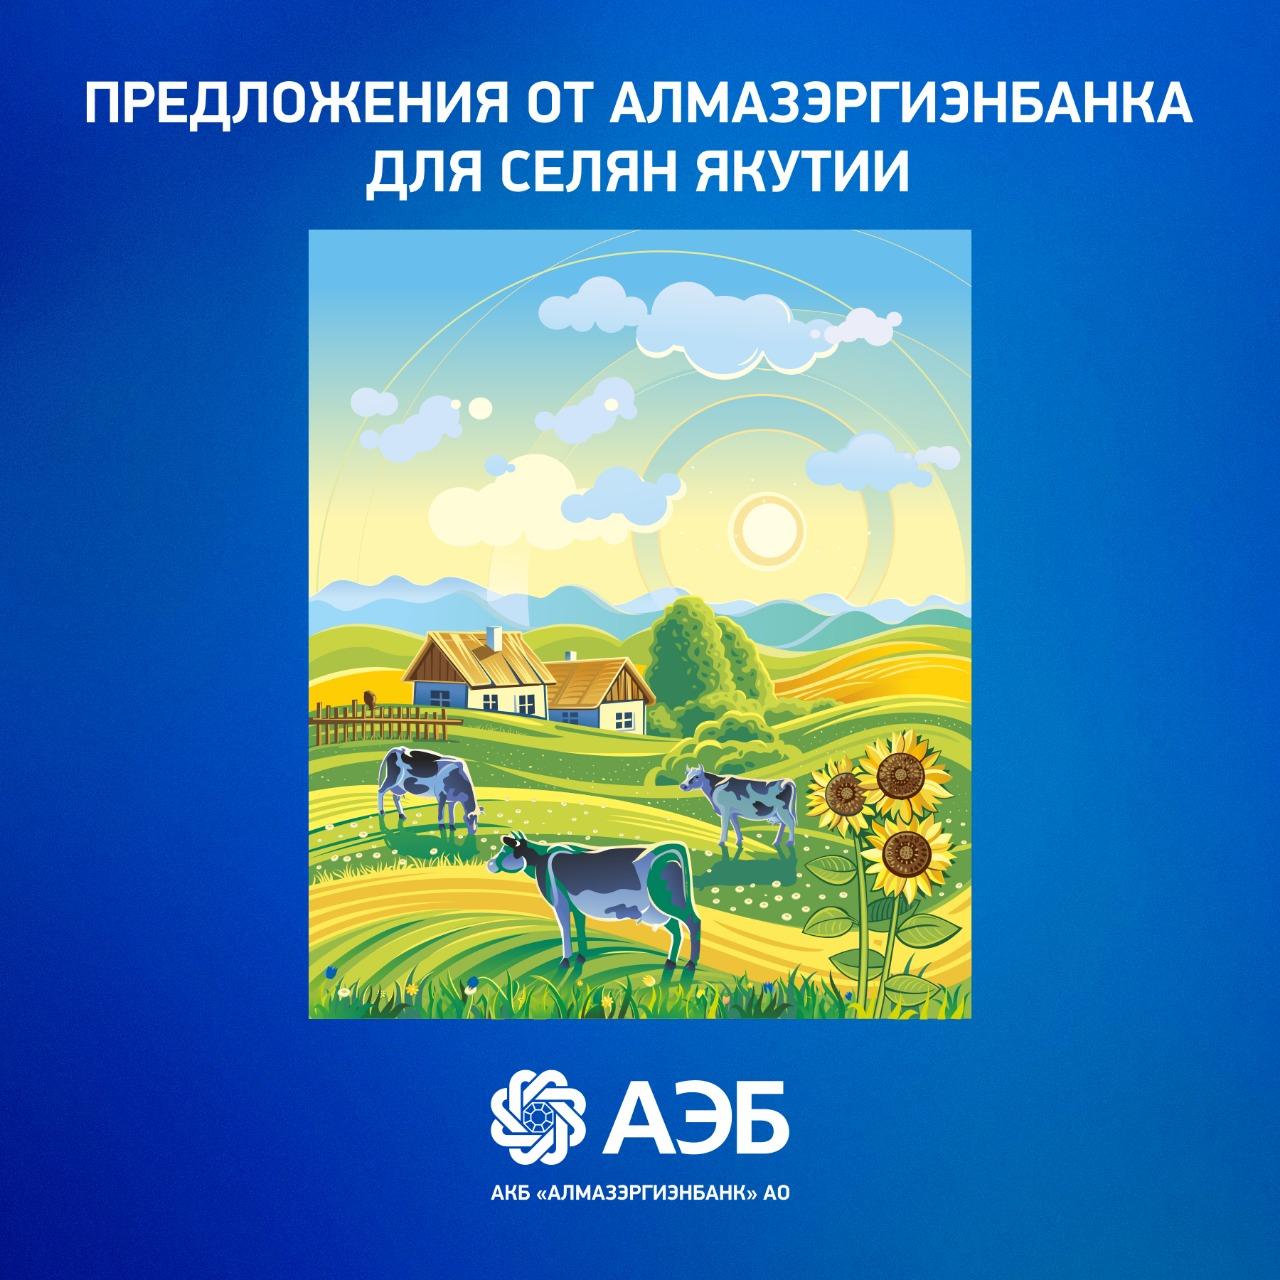 Выгодные предложения от Алмазэргиэнбанка для селян Якутии